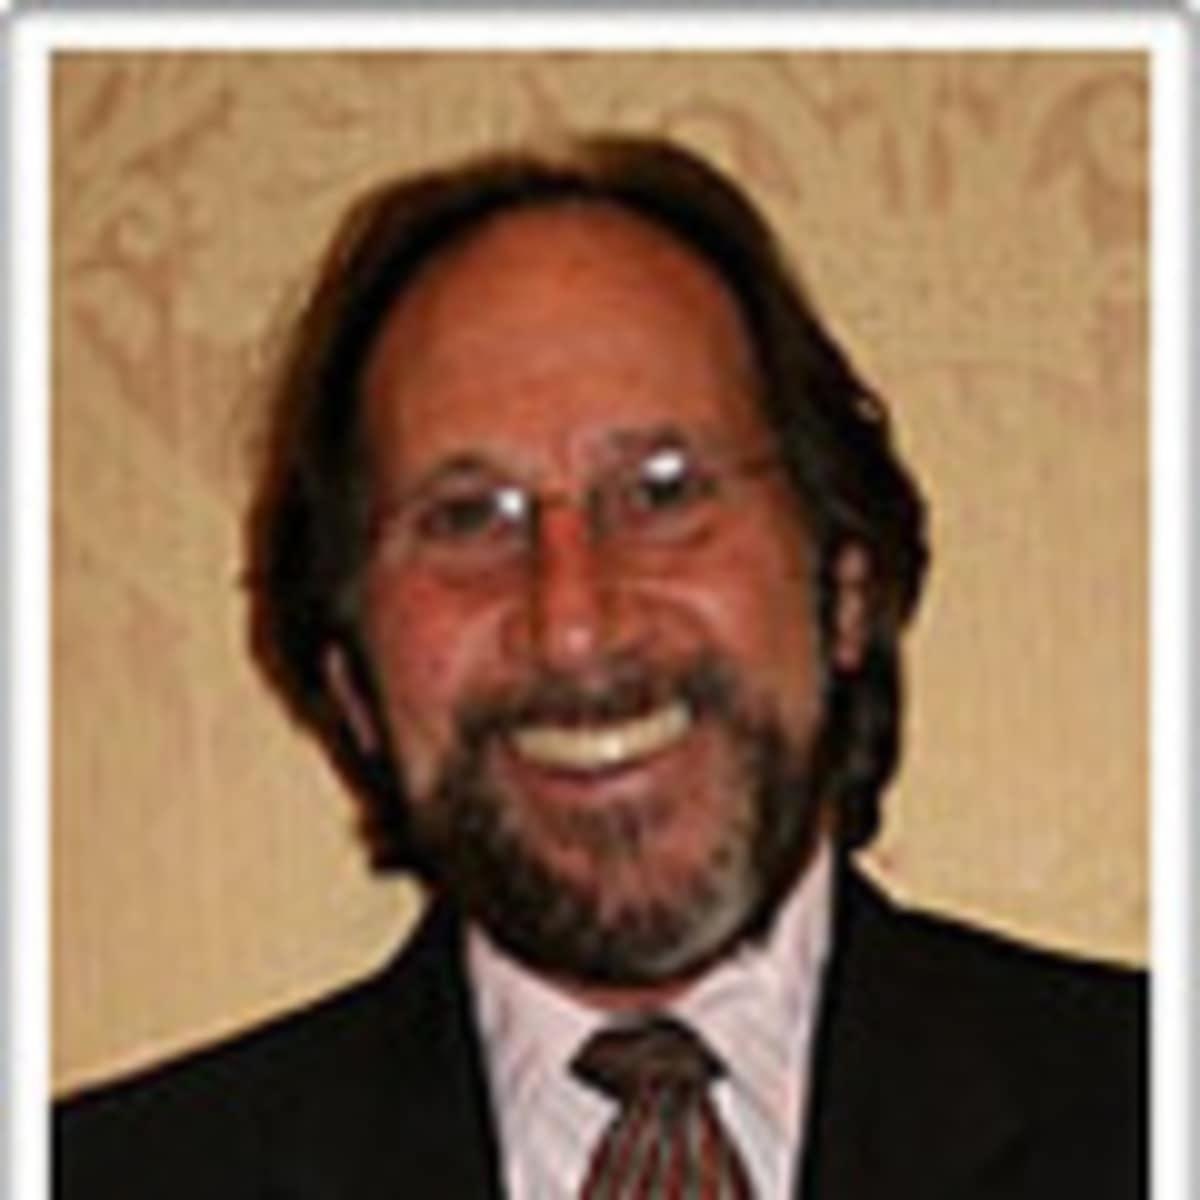 Dr Robert Desposito Md Facs Garden City Ny Urologist